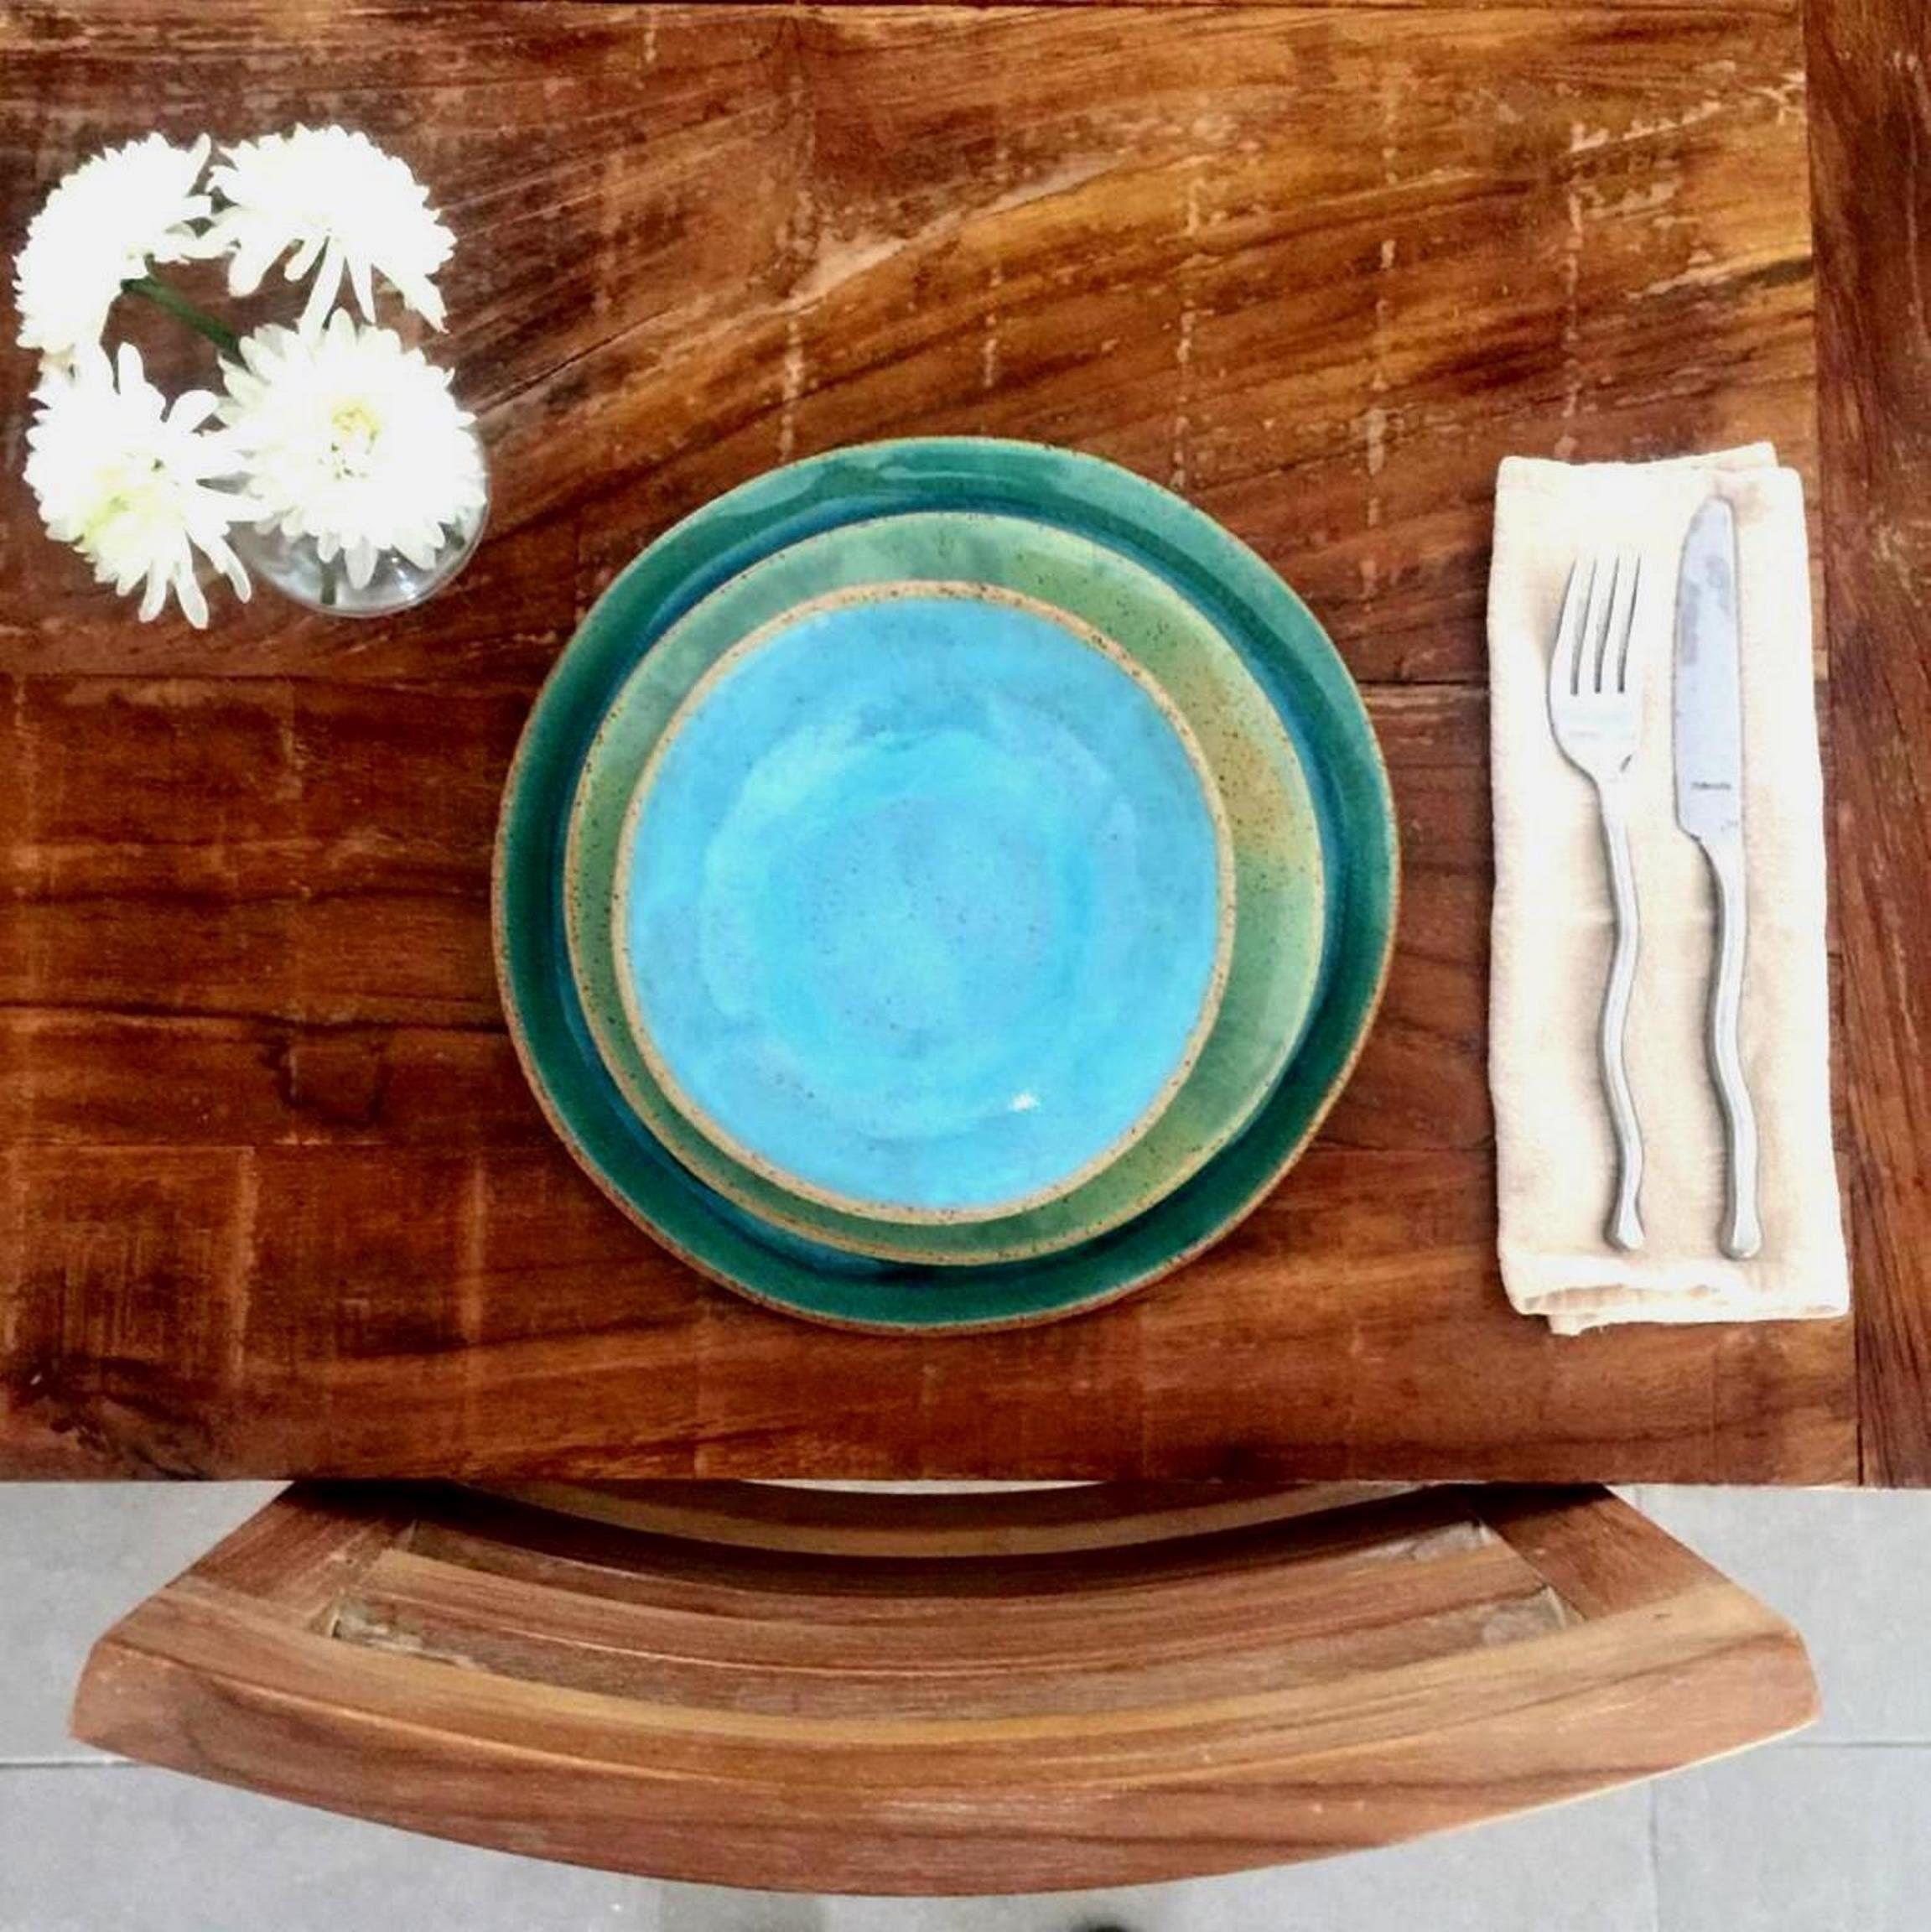 Farmhouse pottery modern dinnerware set for 6812